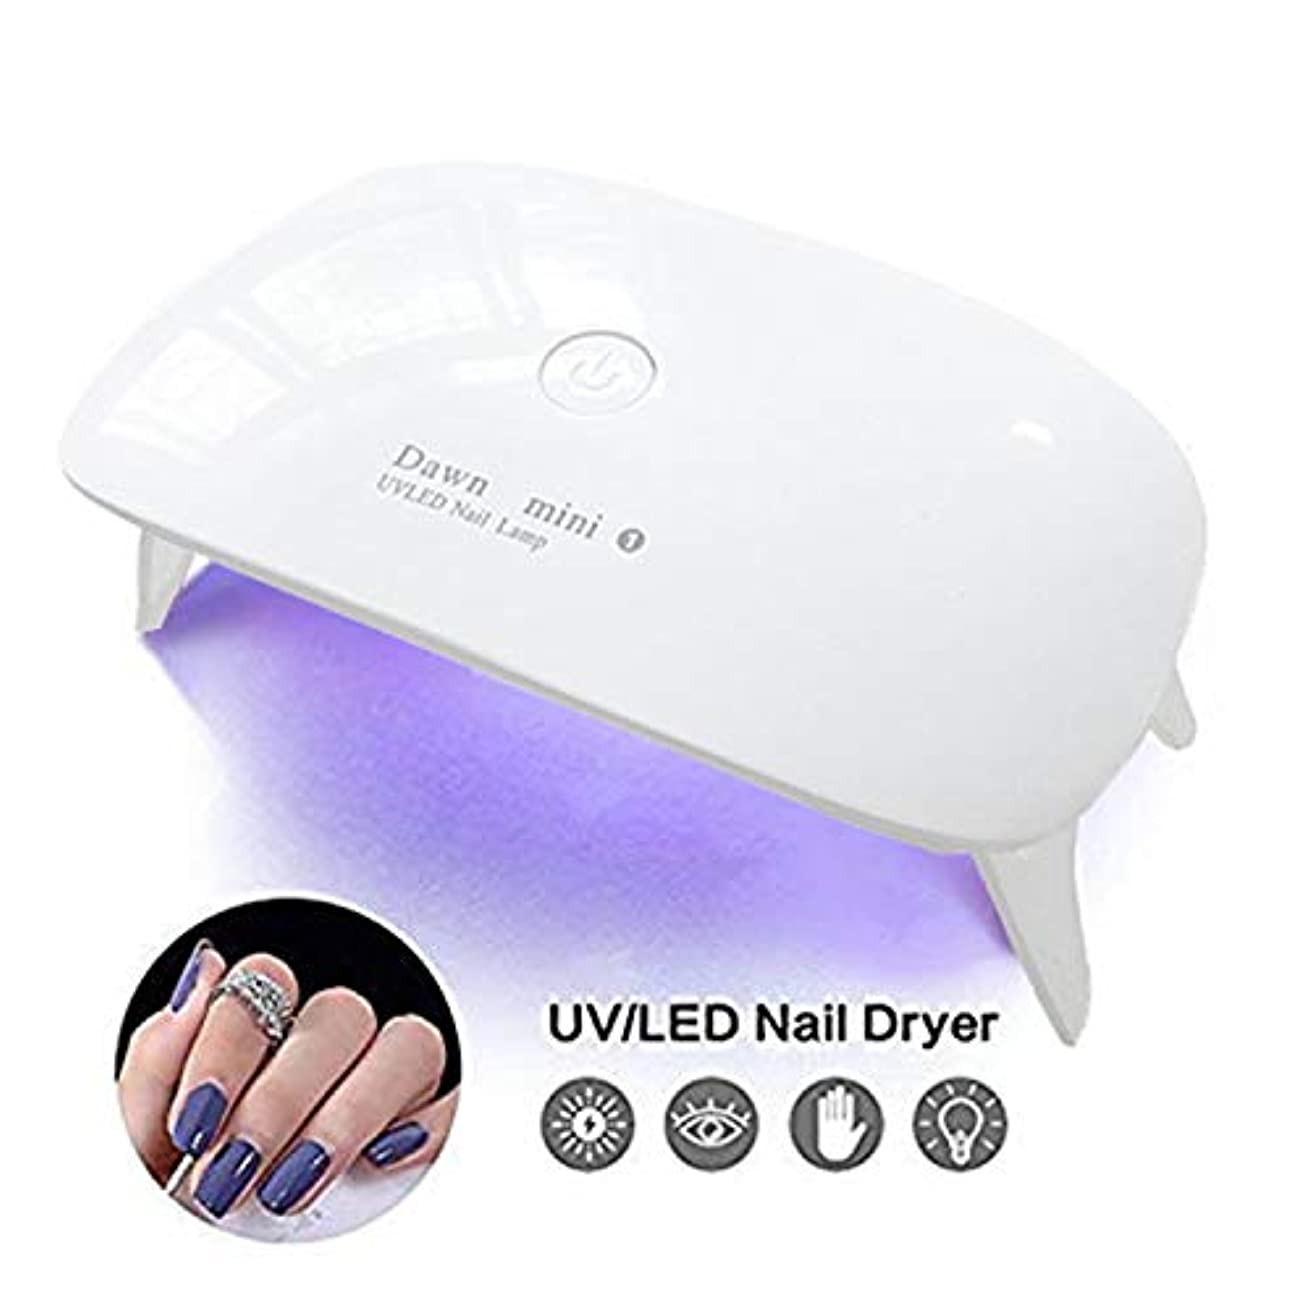 鏡振り向くラジカルUVライト LEDネイルドライヤー ジェルネイルLEDライト 硬化ライト タイマー設定可能 折りたたみ式手足とも使える UV と LEDダブルライト ジェルネイル用 ホワイト 日本語説明書付き